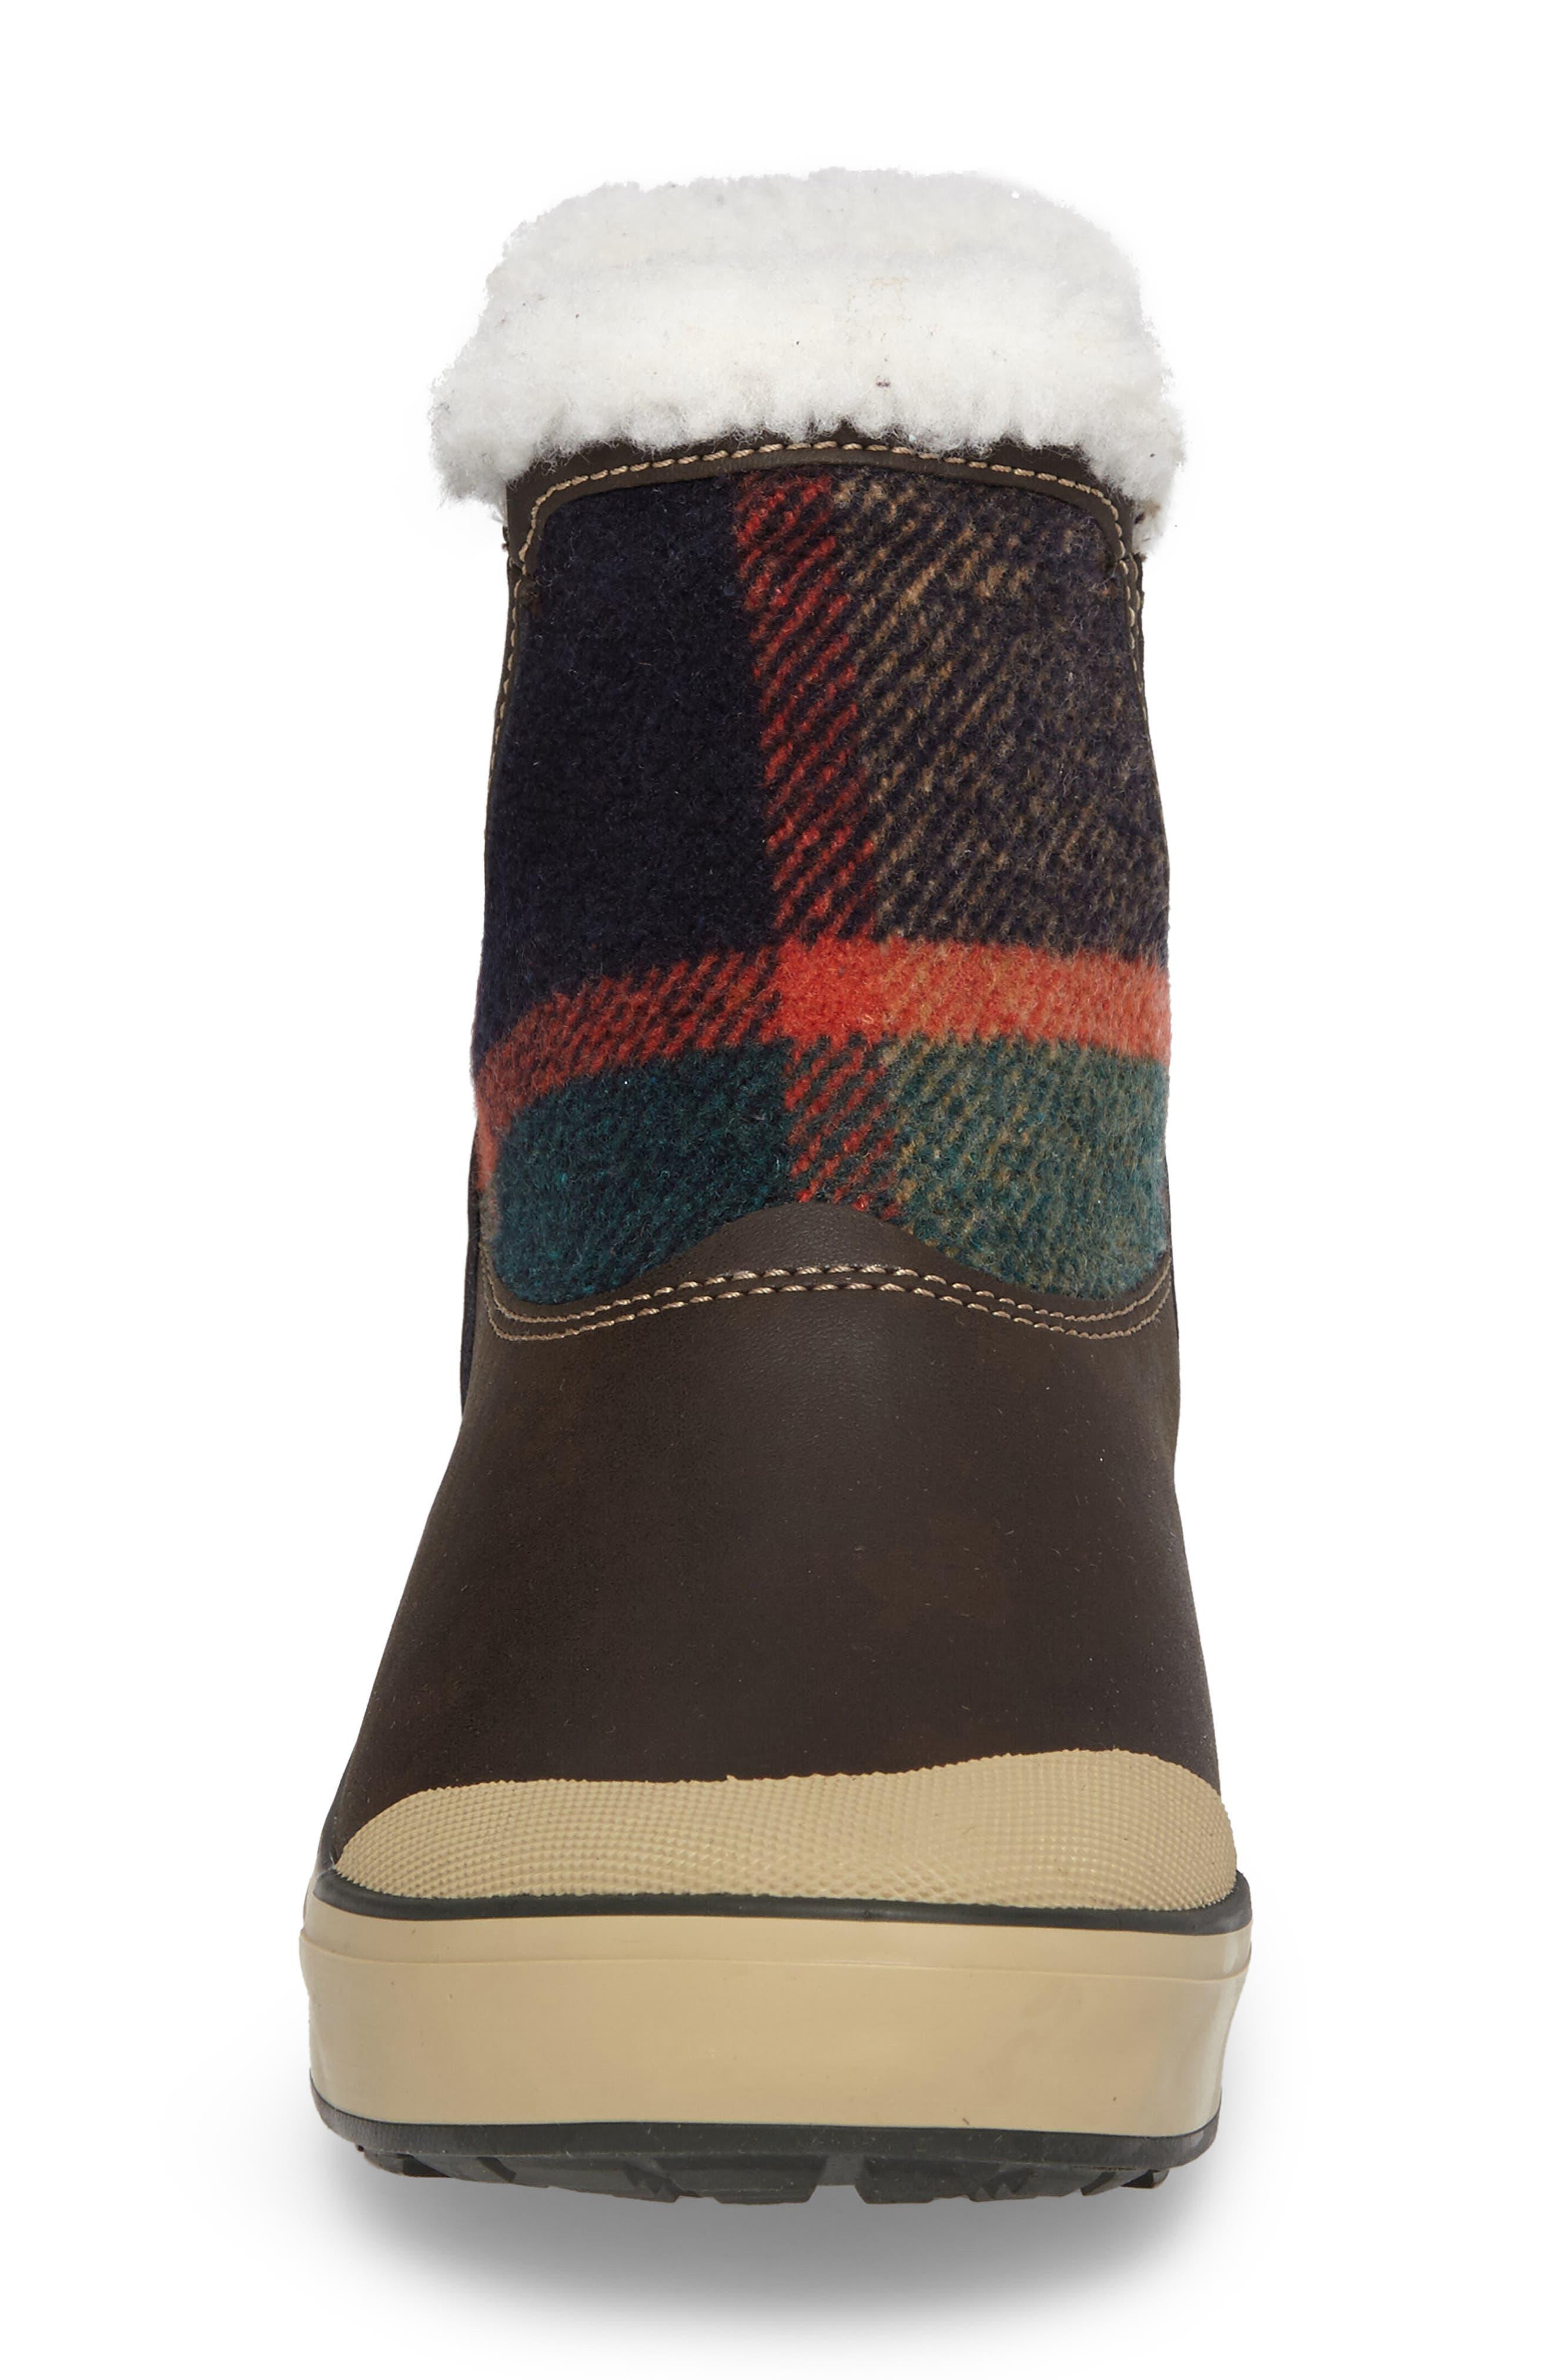 Alternate Image 4  - Keen Elsa Chelsea Waterproof Faux Fur Lined Boot (Women)